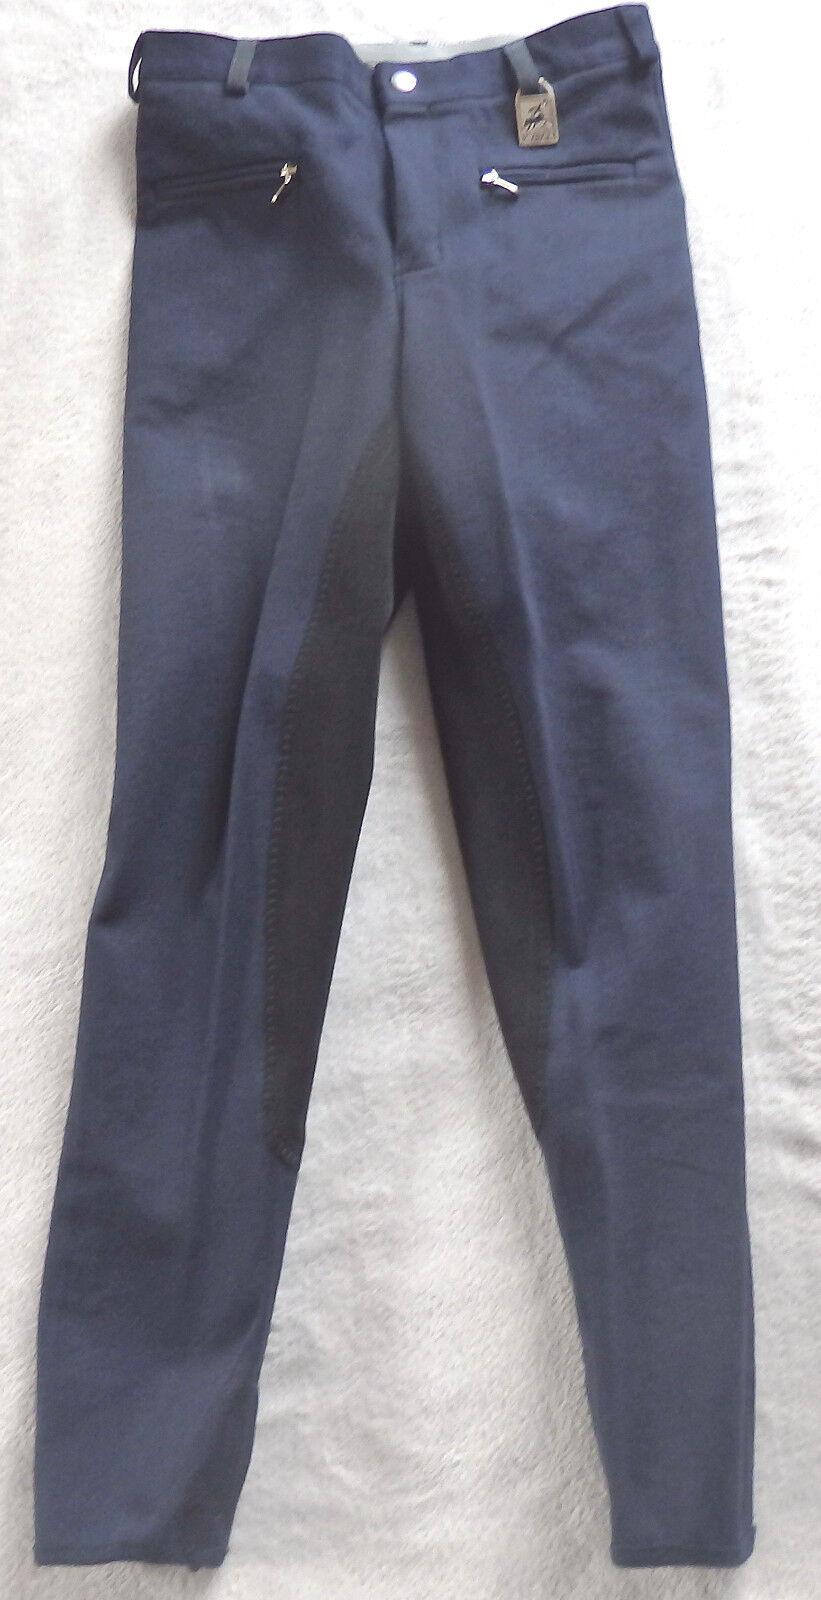 KYRON Bambini Pantaloni Montala, 3/4 guarnizione in Alexa, pieno, Blu, guarnizione in nero, gr 140, Alexa, in (89) eb0ff5